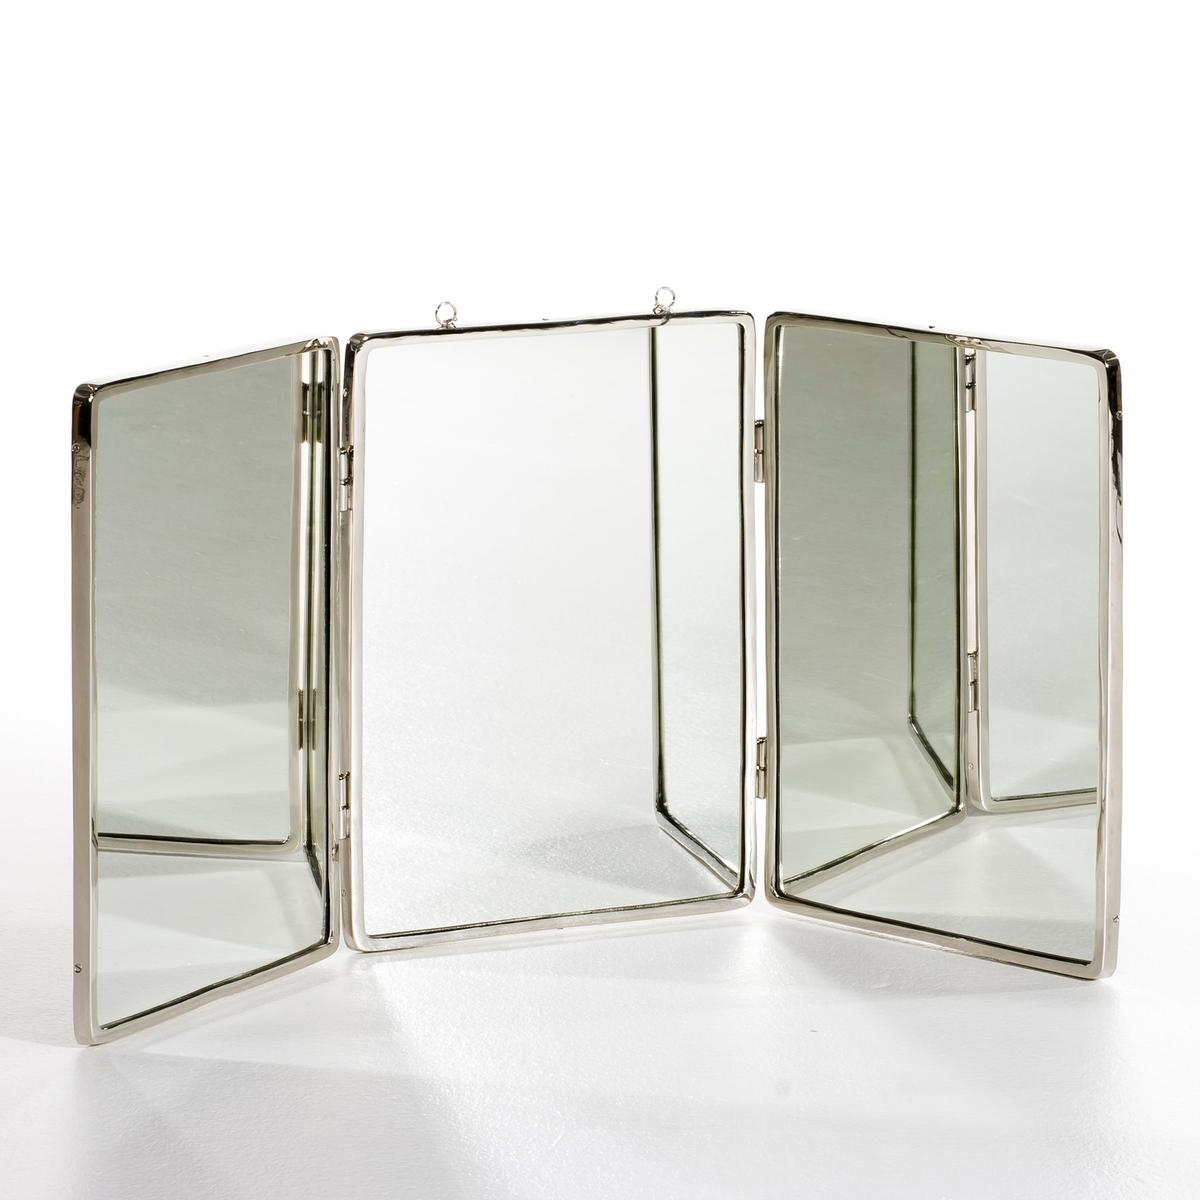 Зеркало большая модель Д112,5 x В51,25 см, Barbier<br><br>Цвет: безцветный